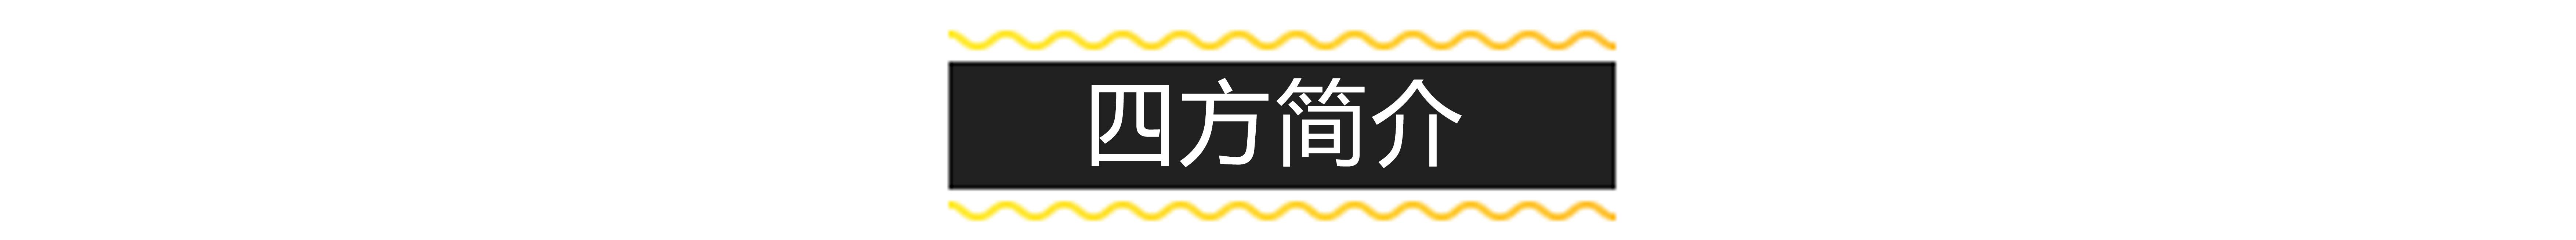 四方简介.jpg